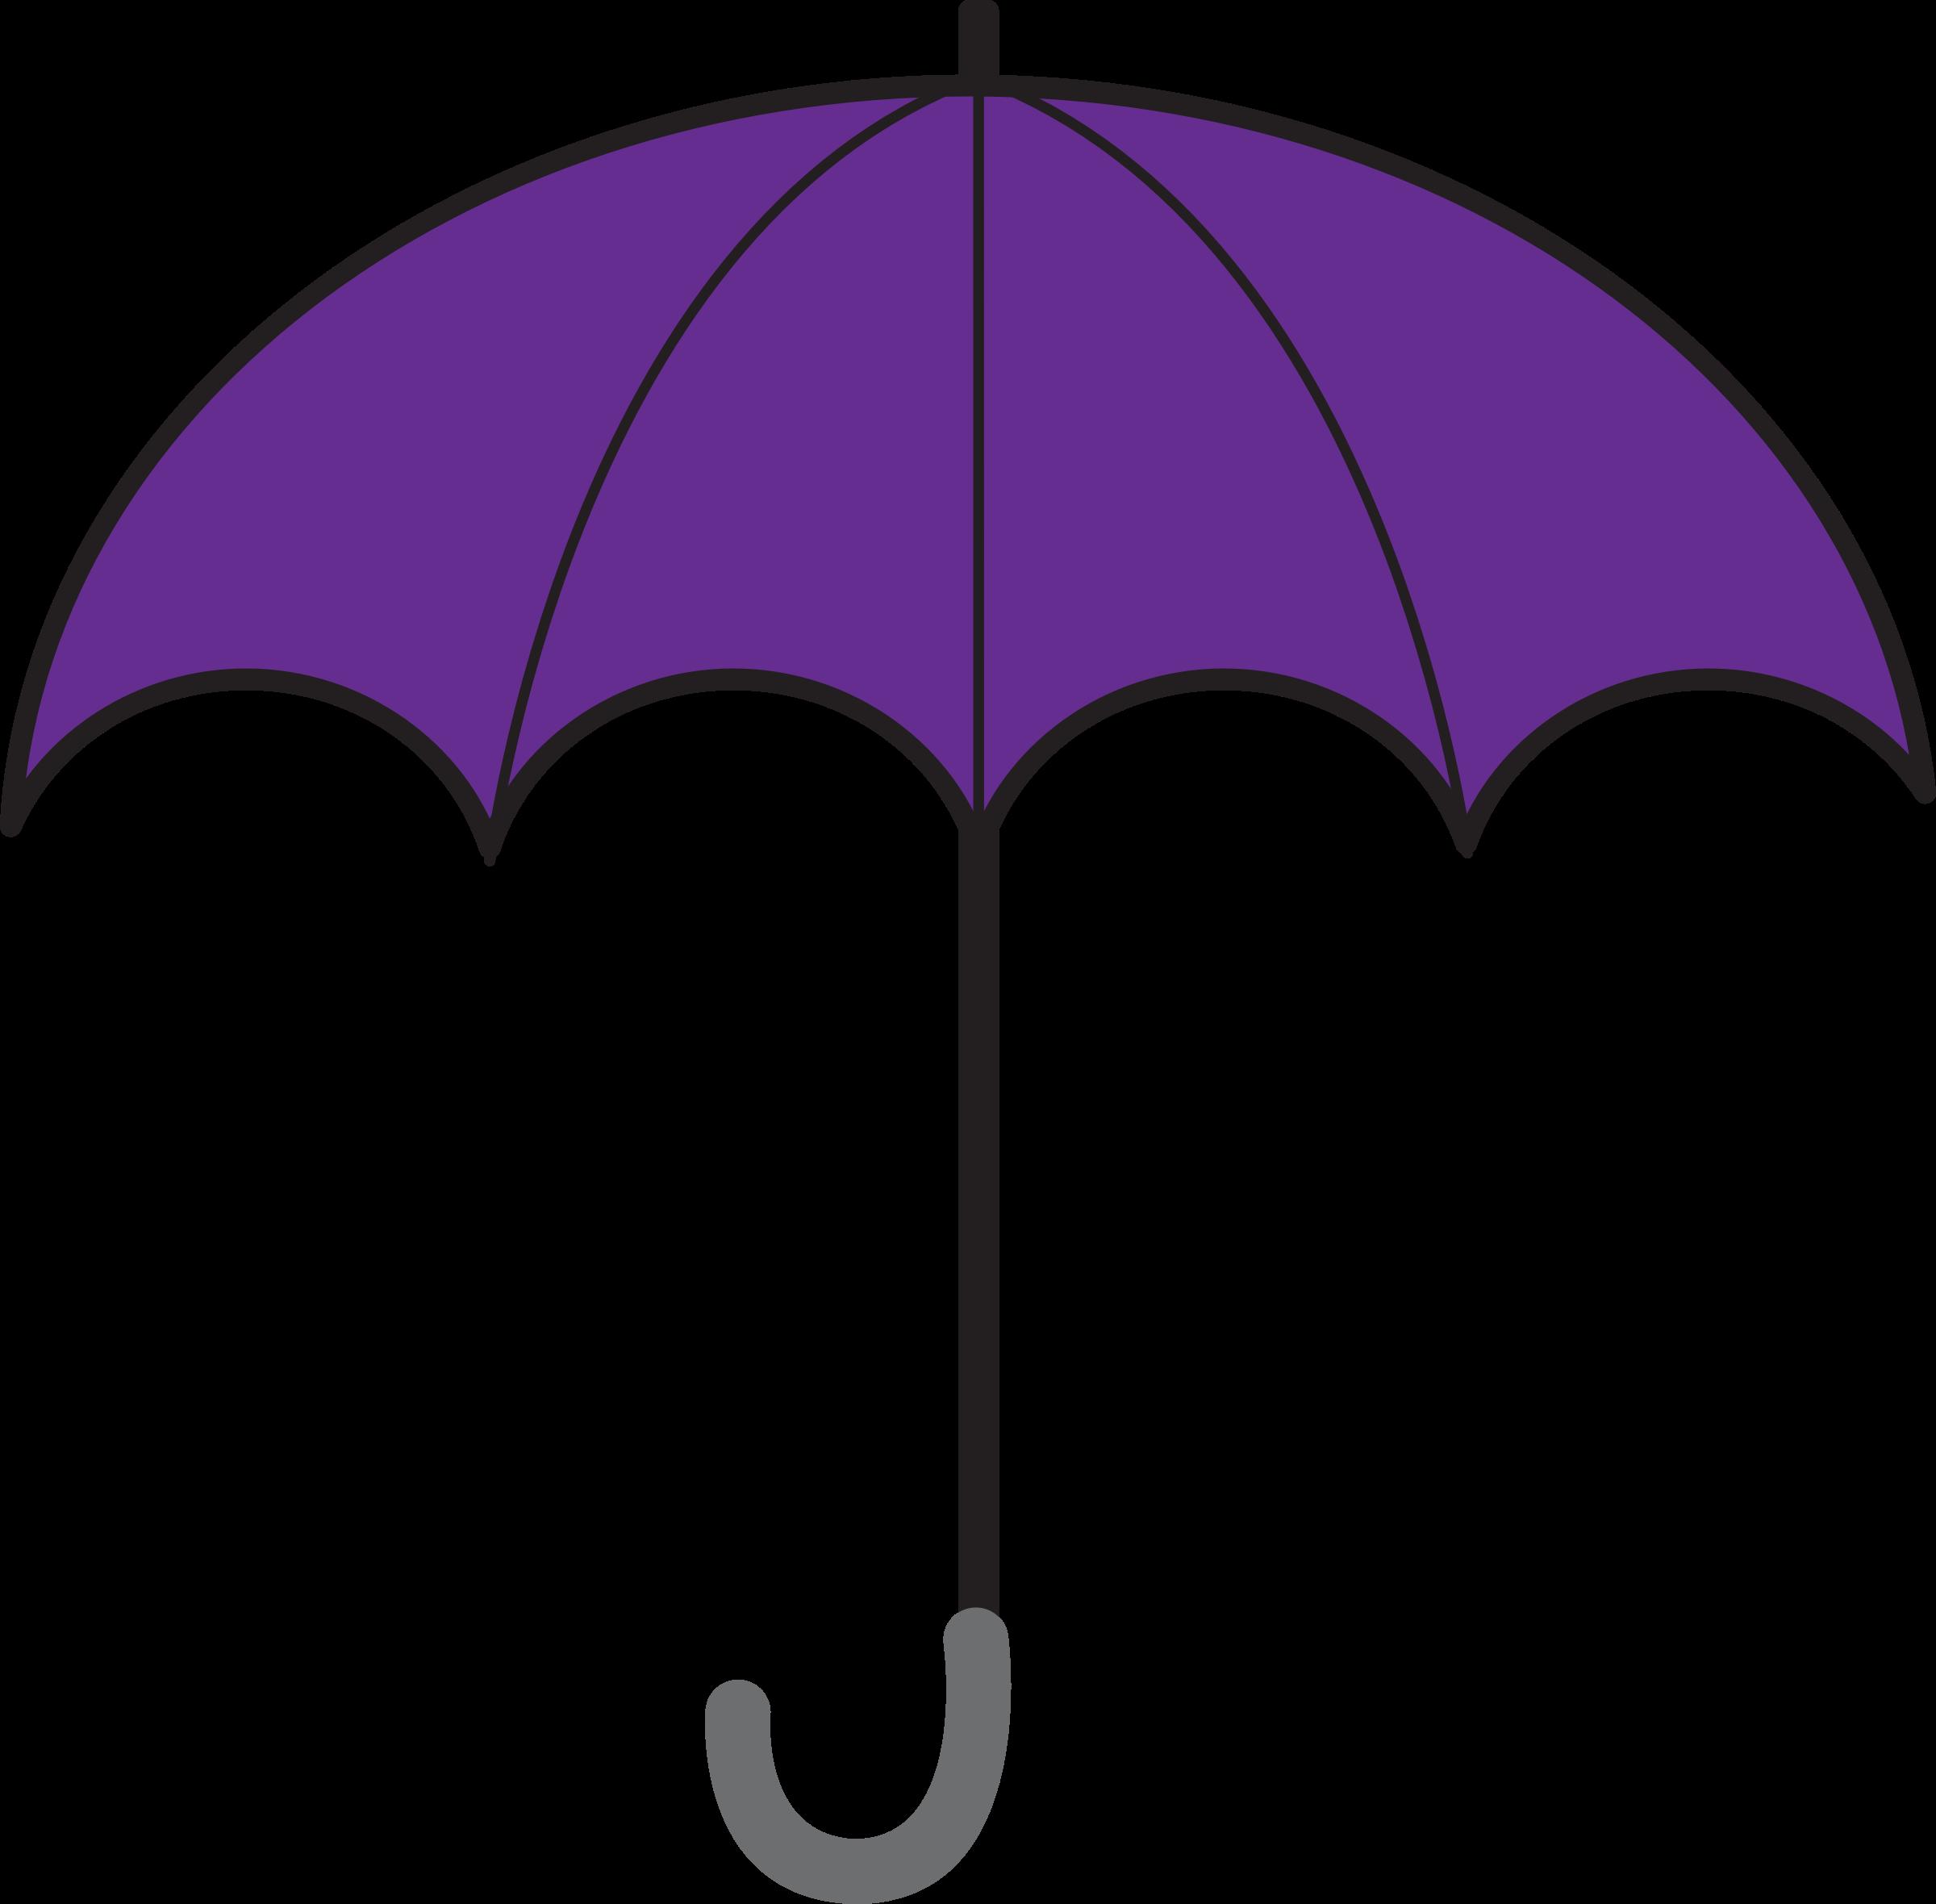 Wallpaper clipart umbrella Umbrella Clipart umbrella BBCpersian7 Open